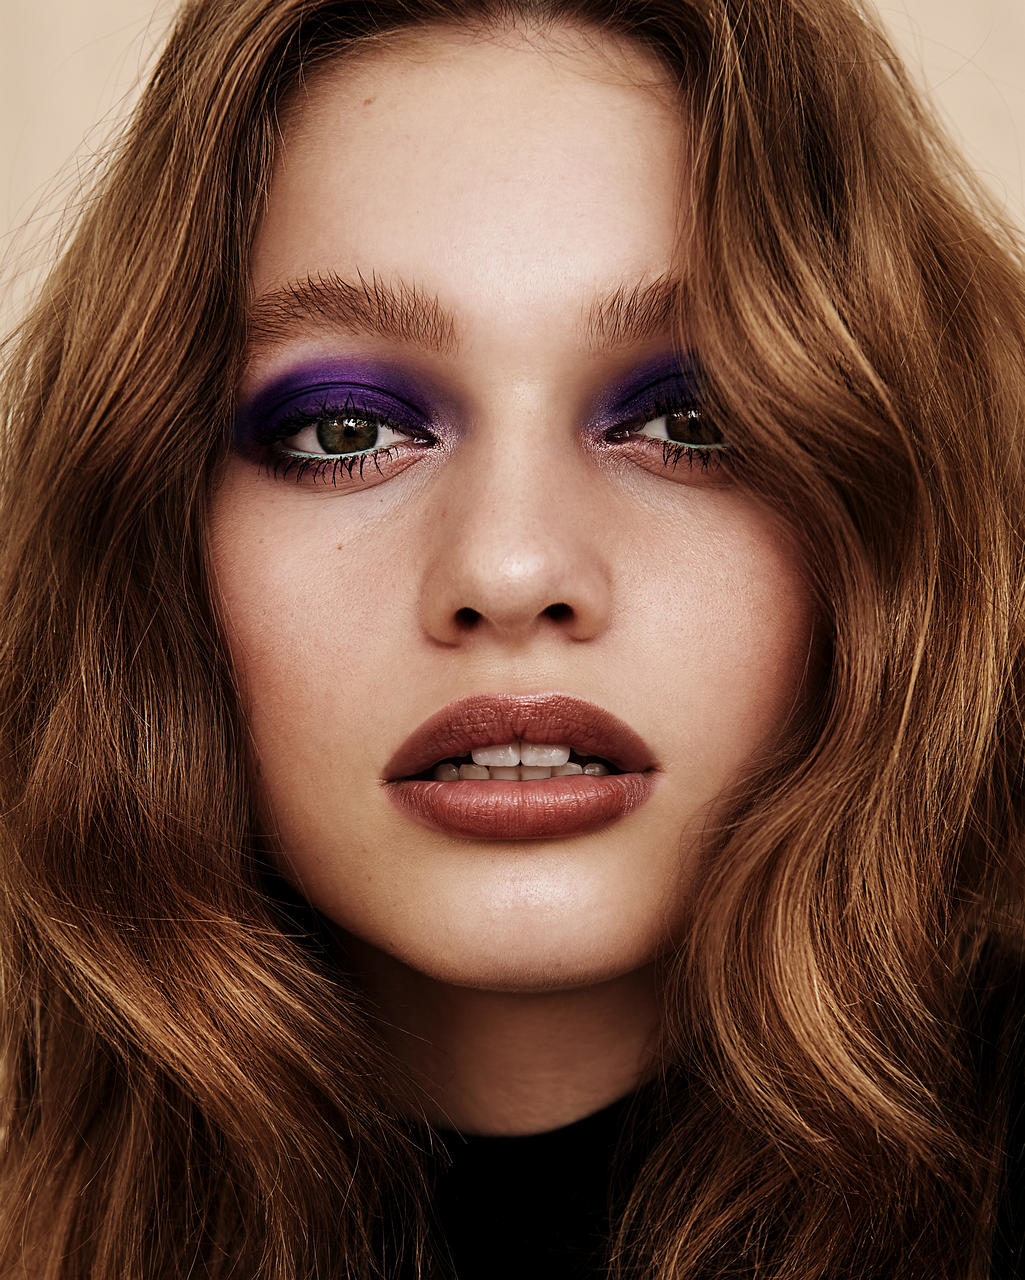 Bernice_Makeup_Melbourne (15)